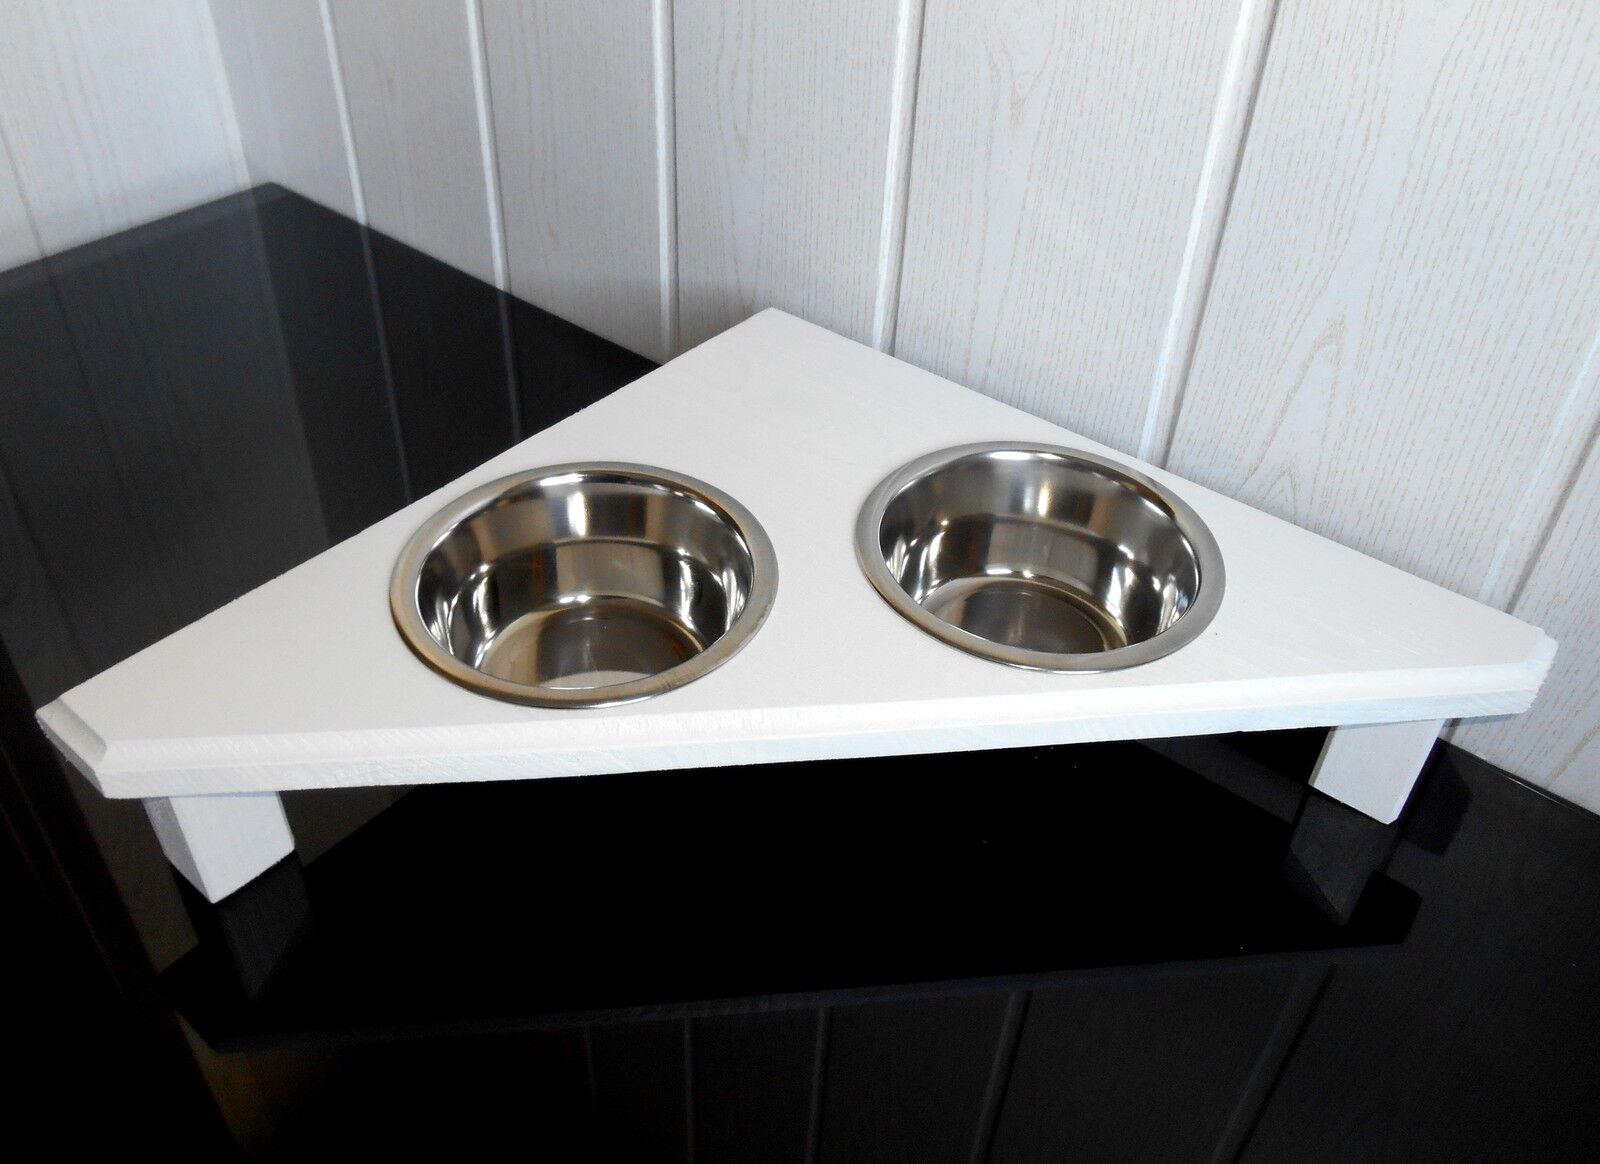 Handarbeit für Ihre Katze, Futterbar, Napf, Näpfe, in weiß (378)   Bekannt für seine schöne Qualität